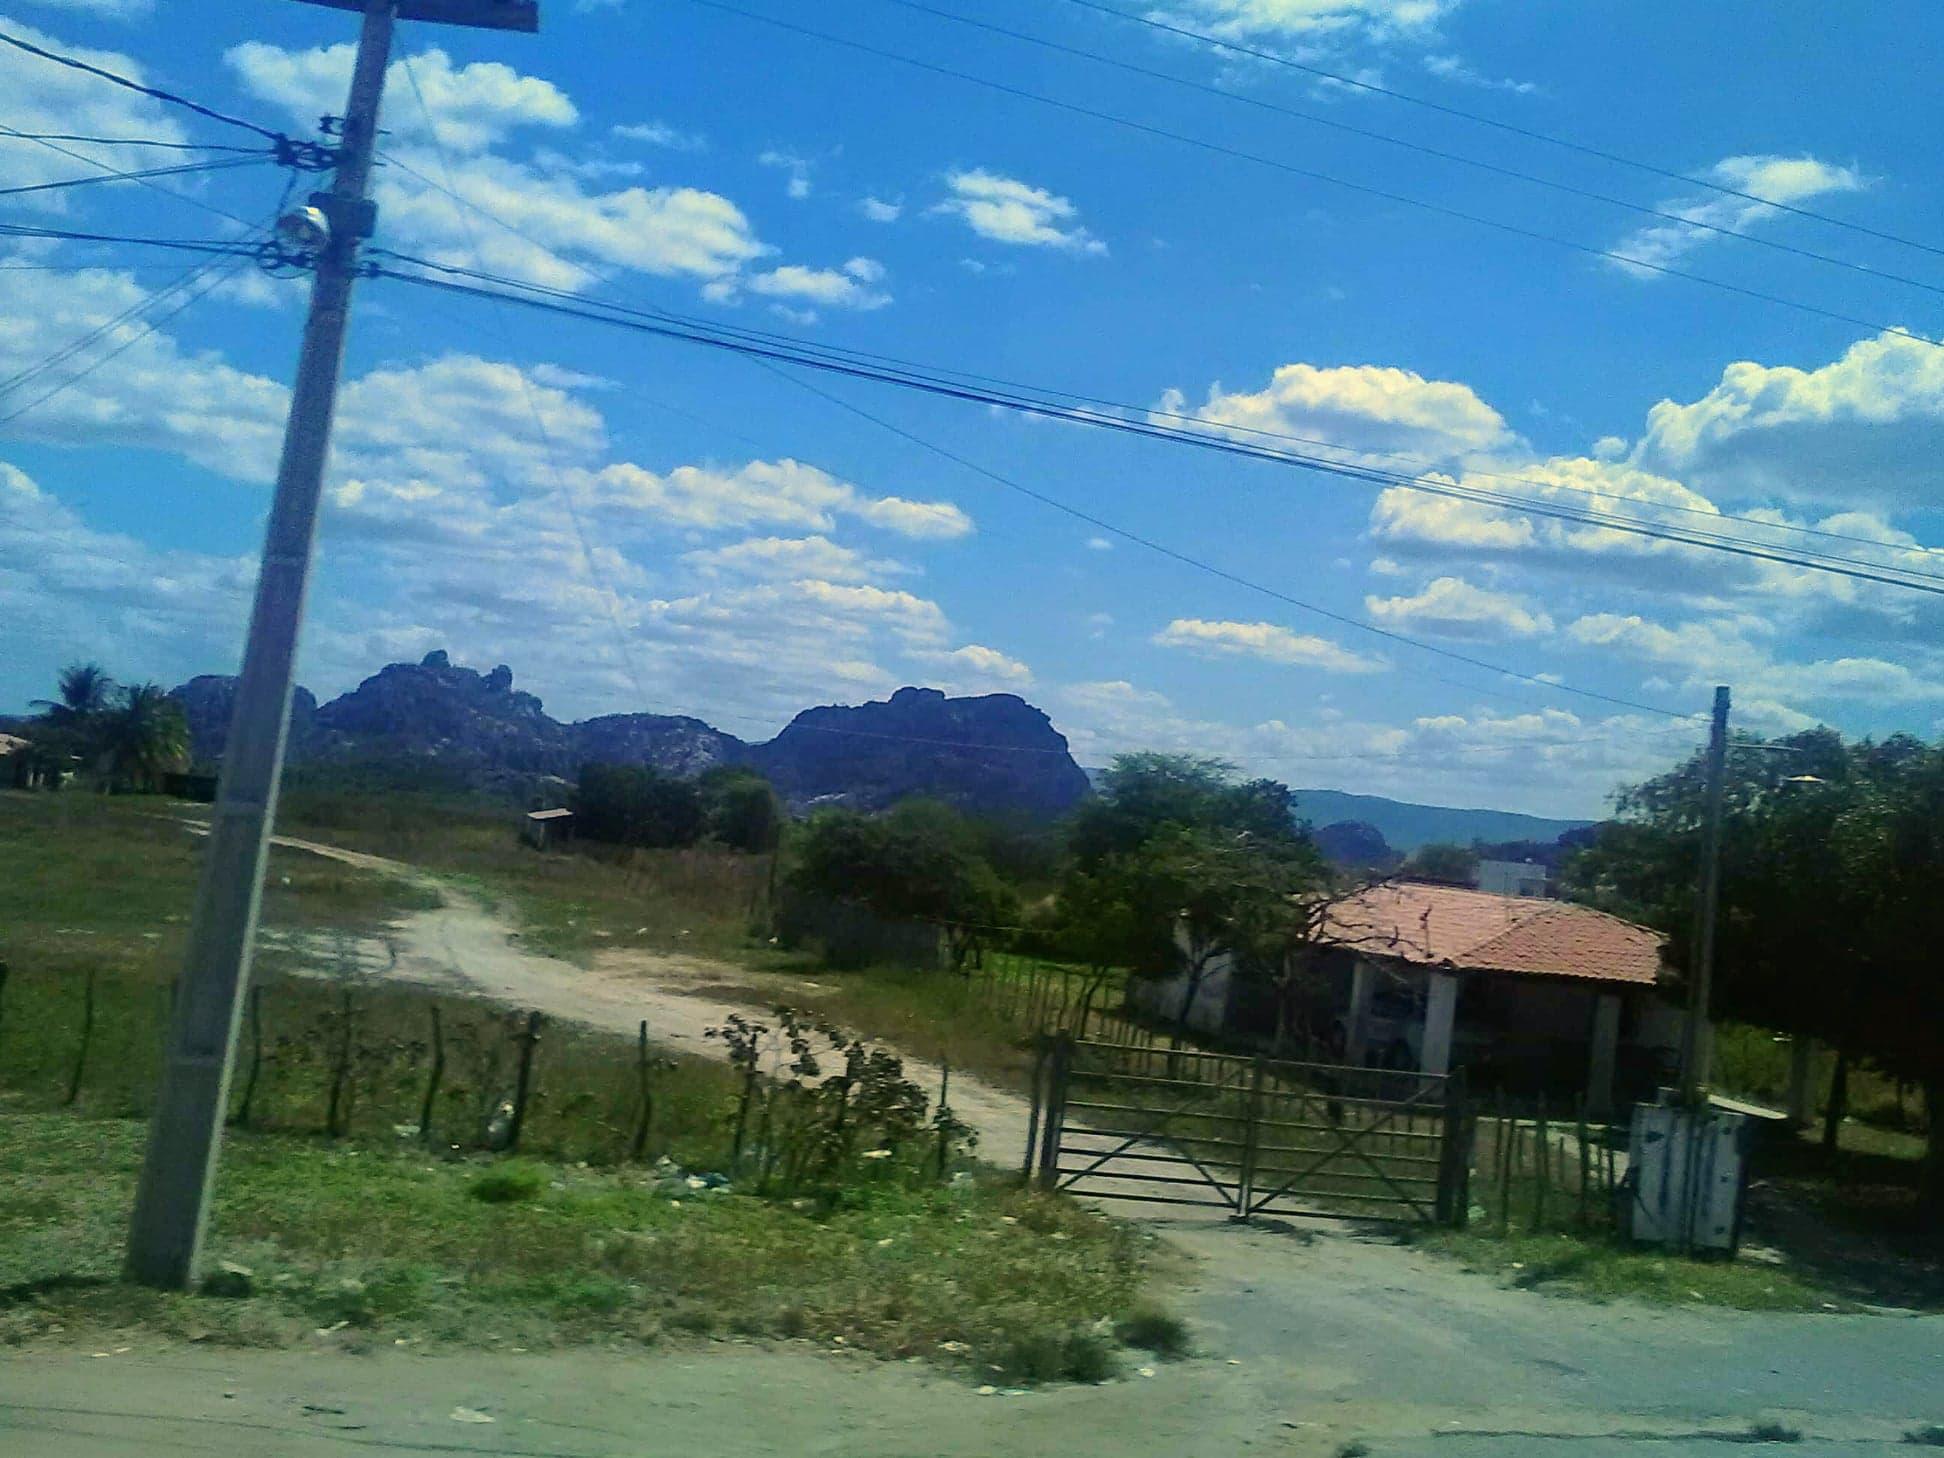 18-op-weg-naar-Forteleza-in-de-dit-gebied-is-een-Meteoriet-nee-gekomen